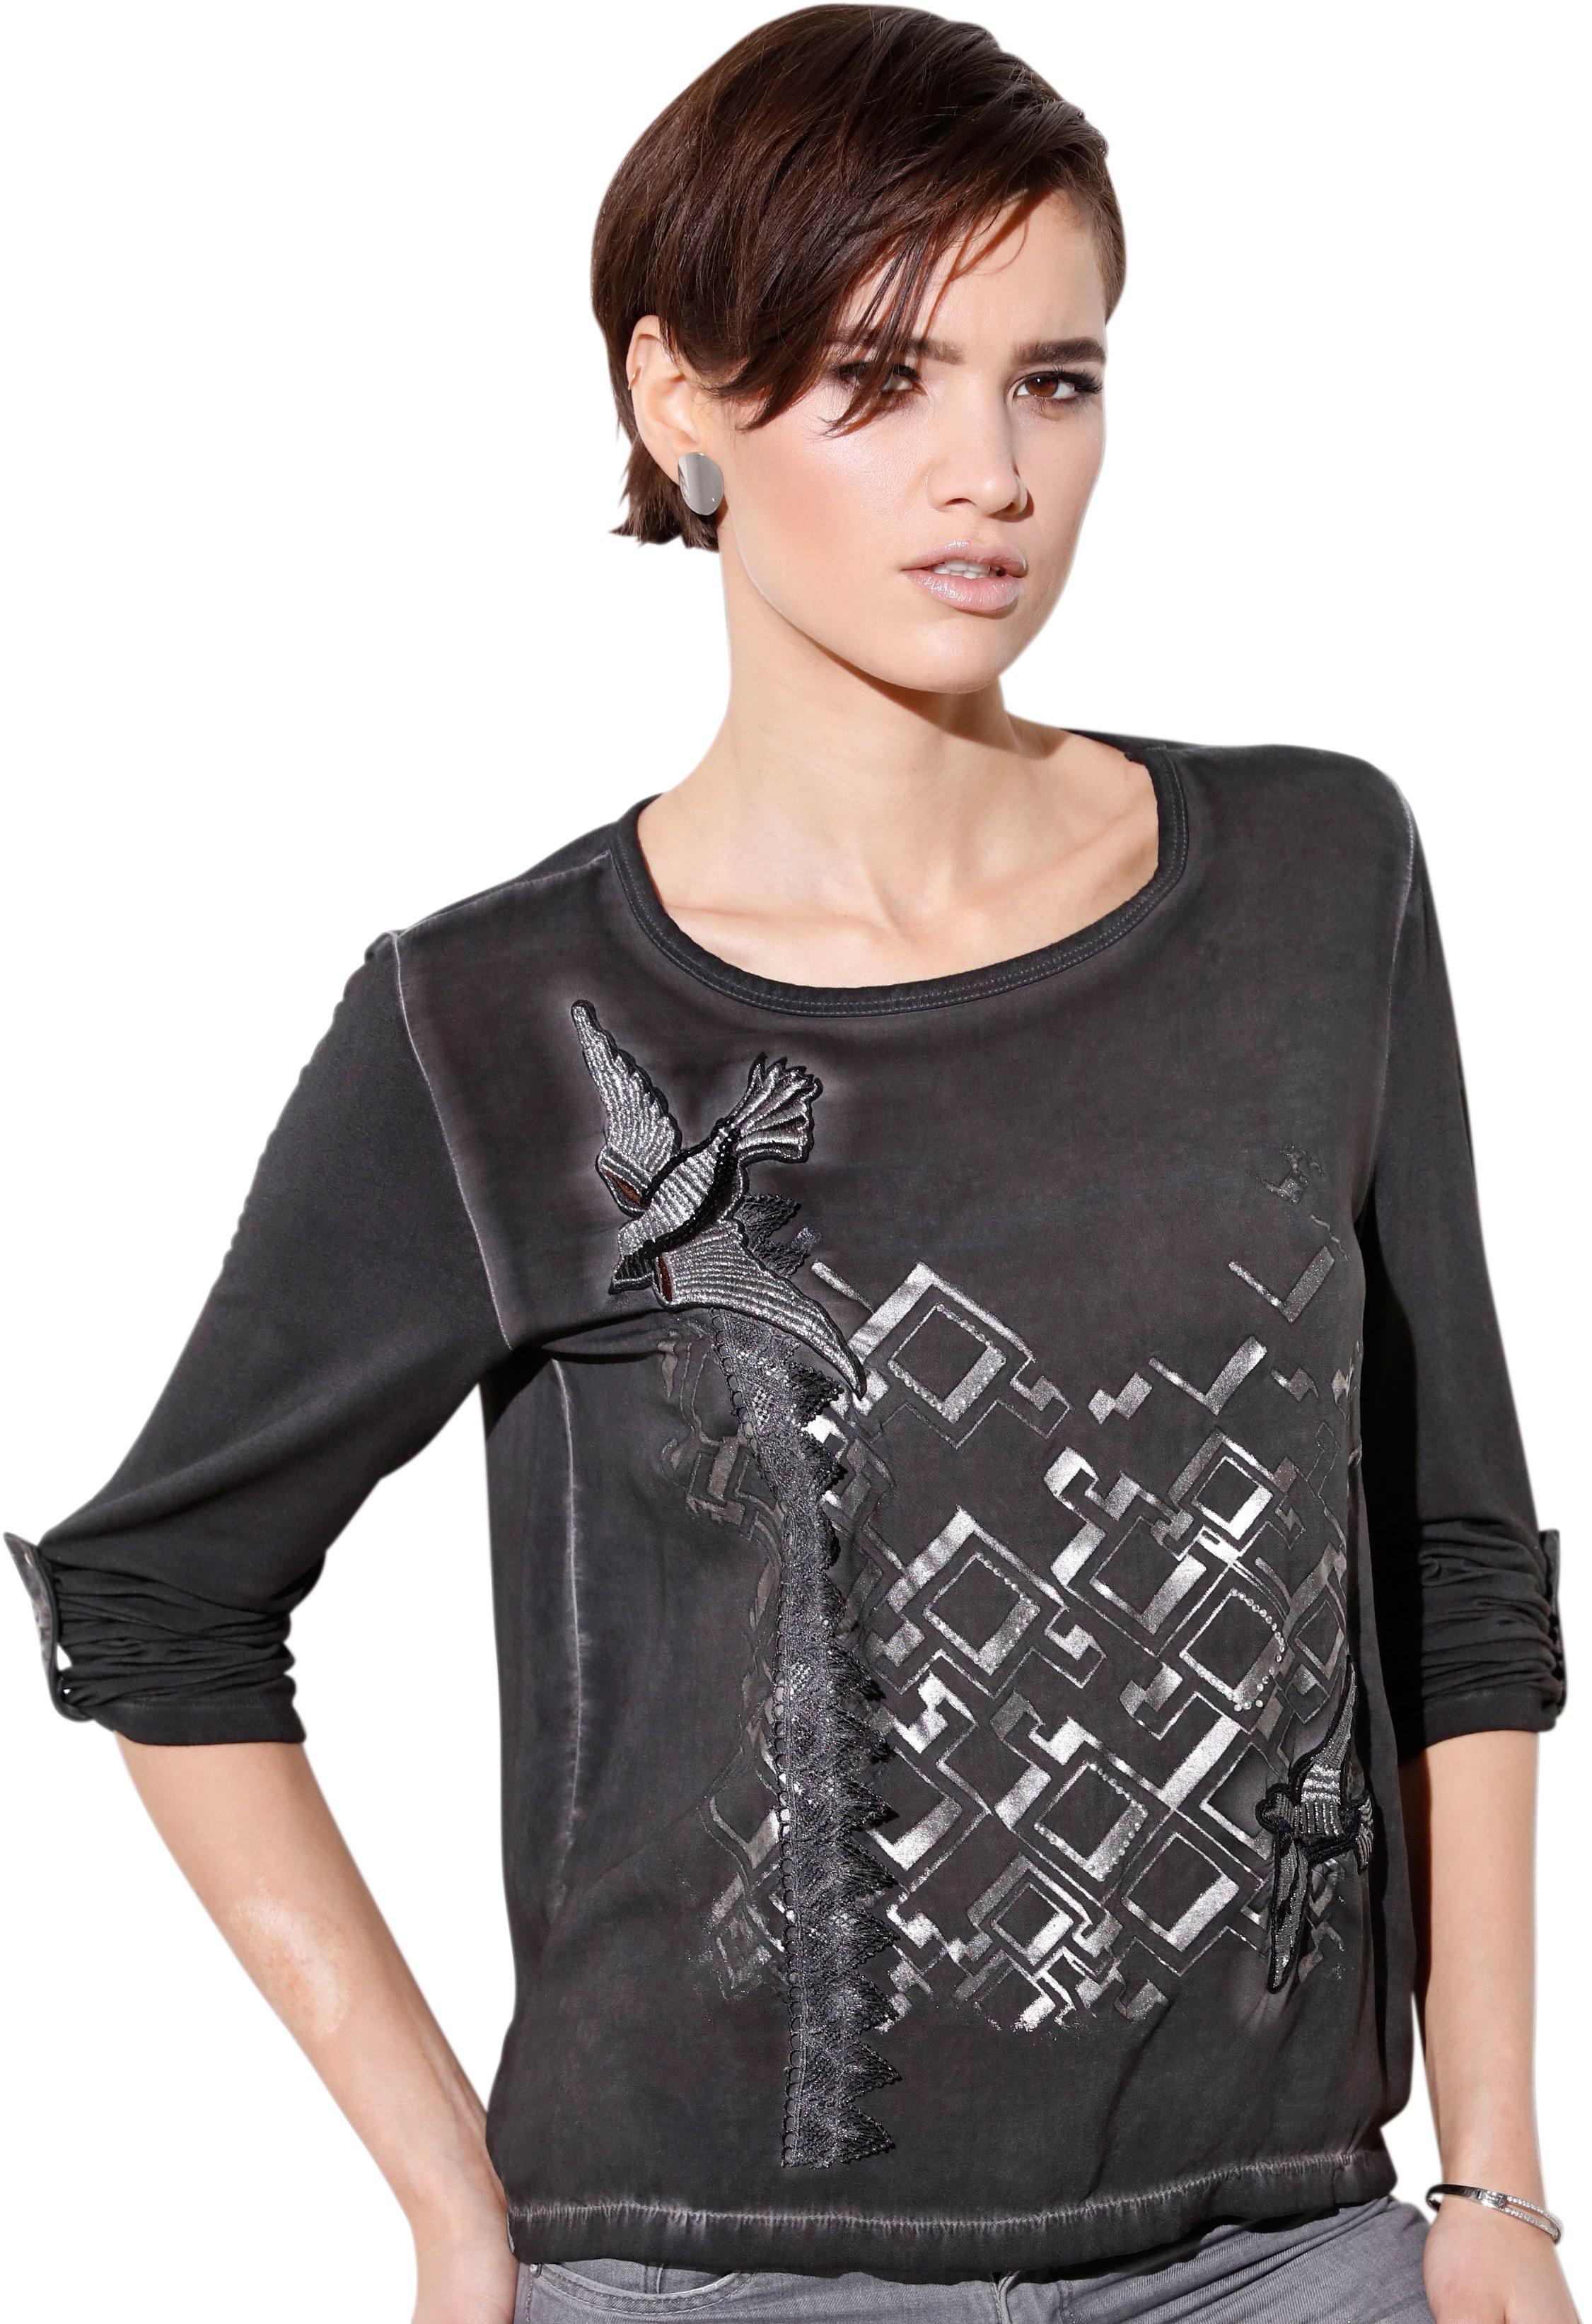 Création L Zilverkleurige Shirt Verkrijgbaar Met Online Folieprint nOywvmN80P